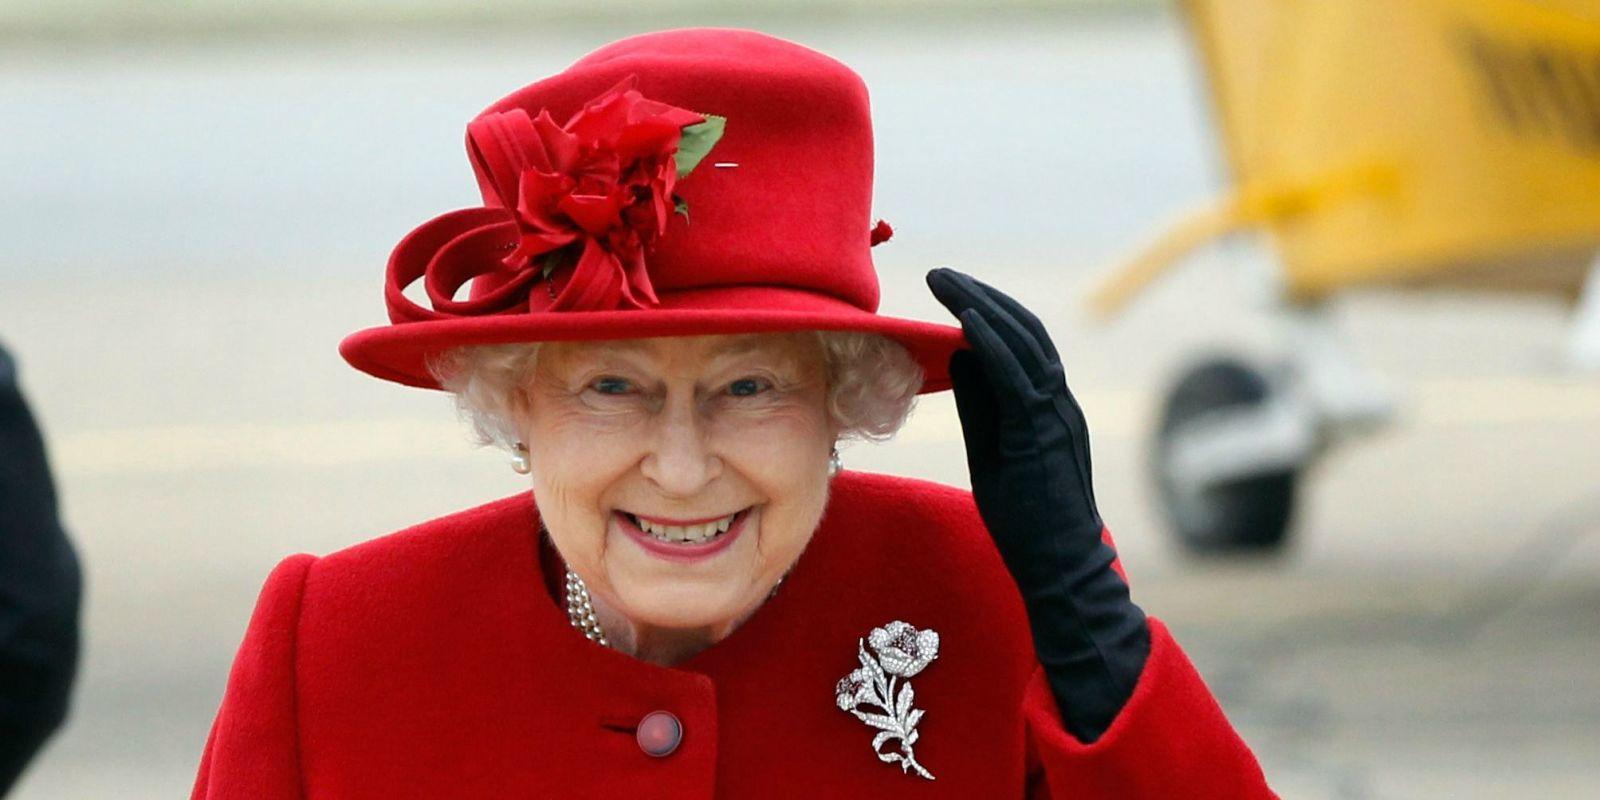 Mi történik és ki következik a trónon a Királynő halála esetén Nagy-Britanniában 2